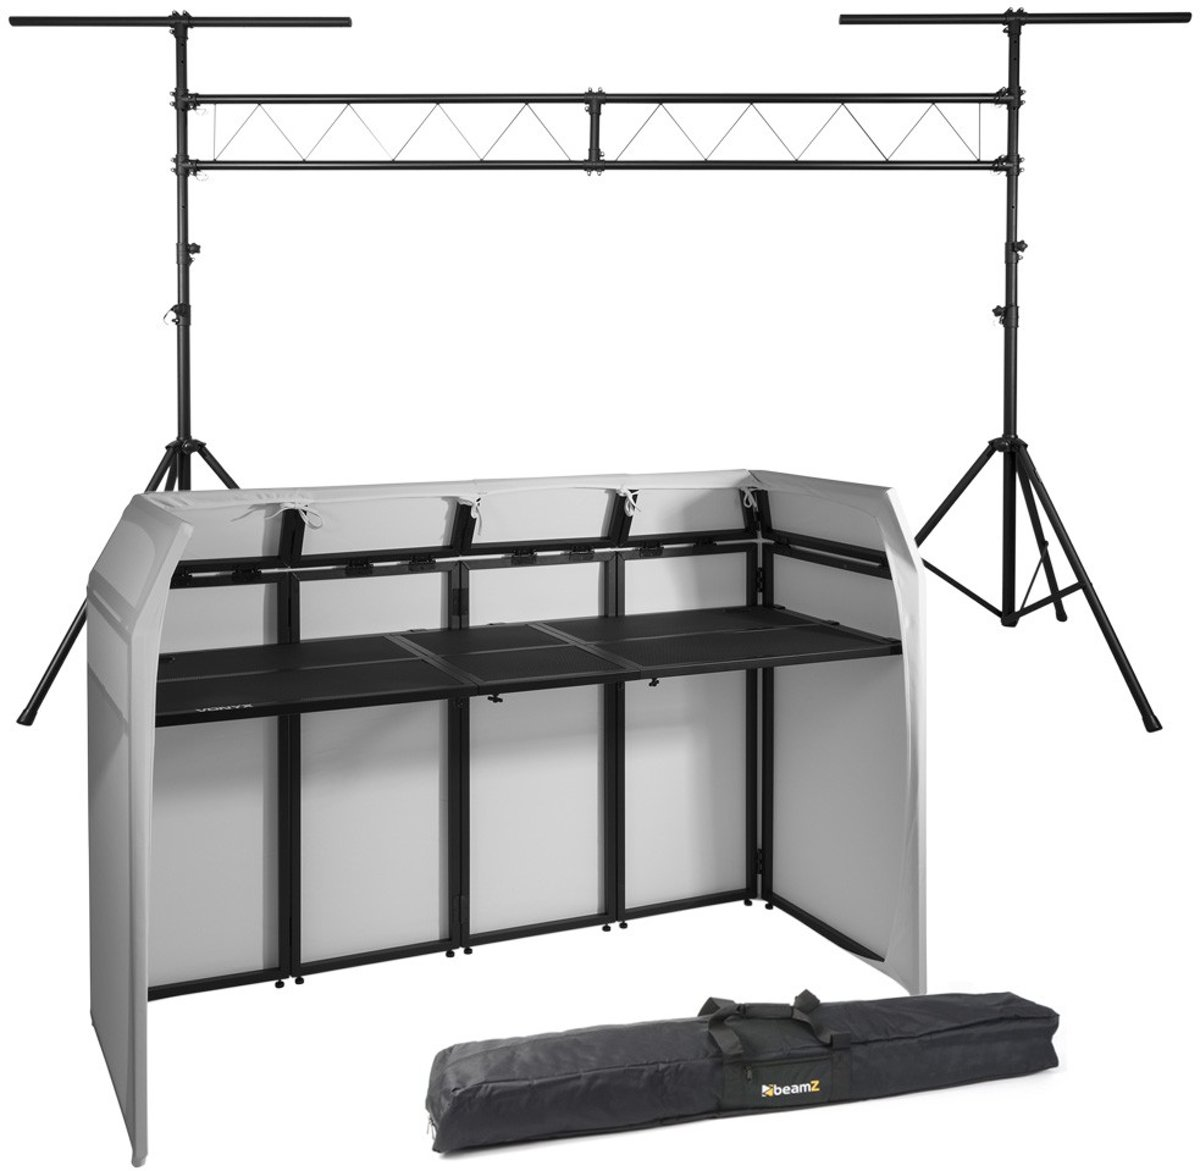 Complete Vonyx DB5 DJ Booth met T-bar lichtbrug incl. tassen